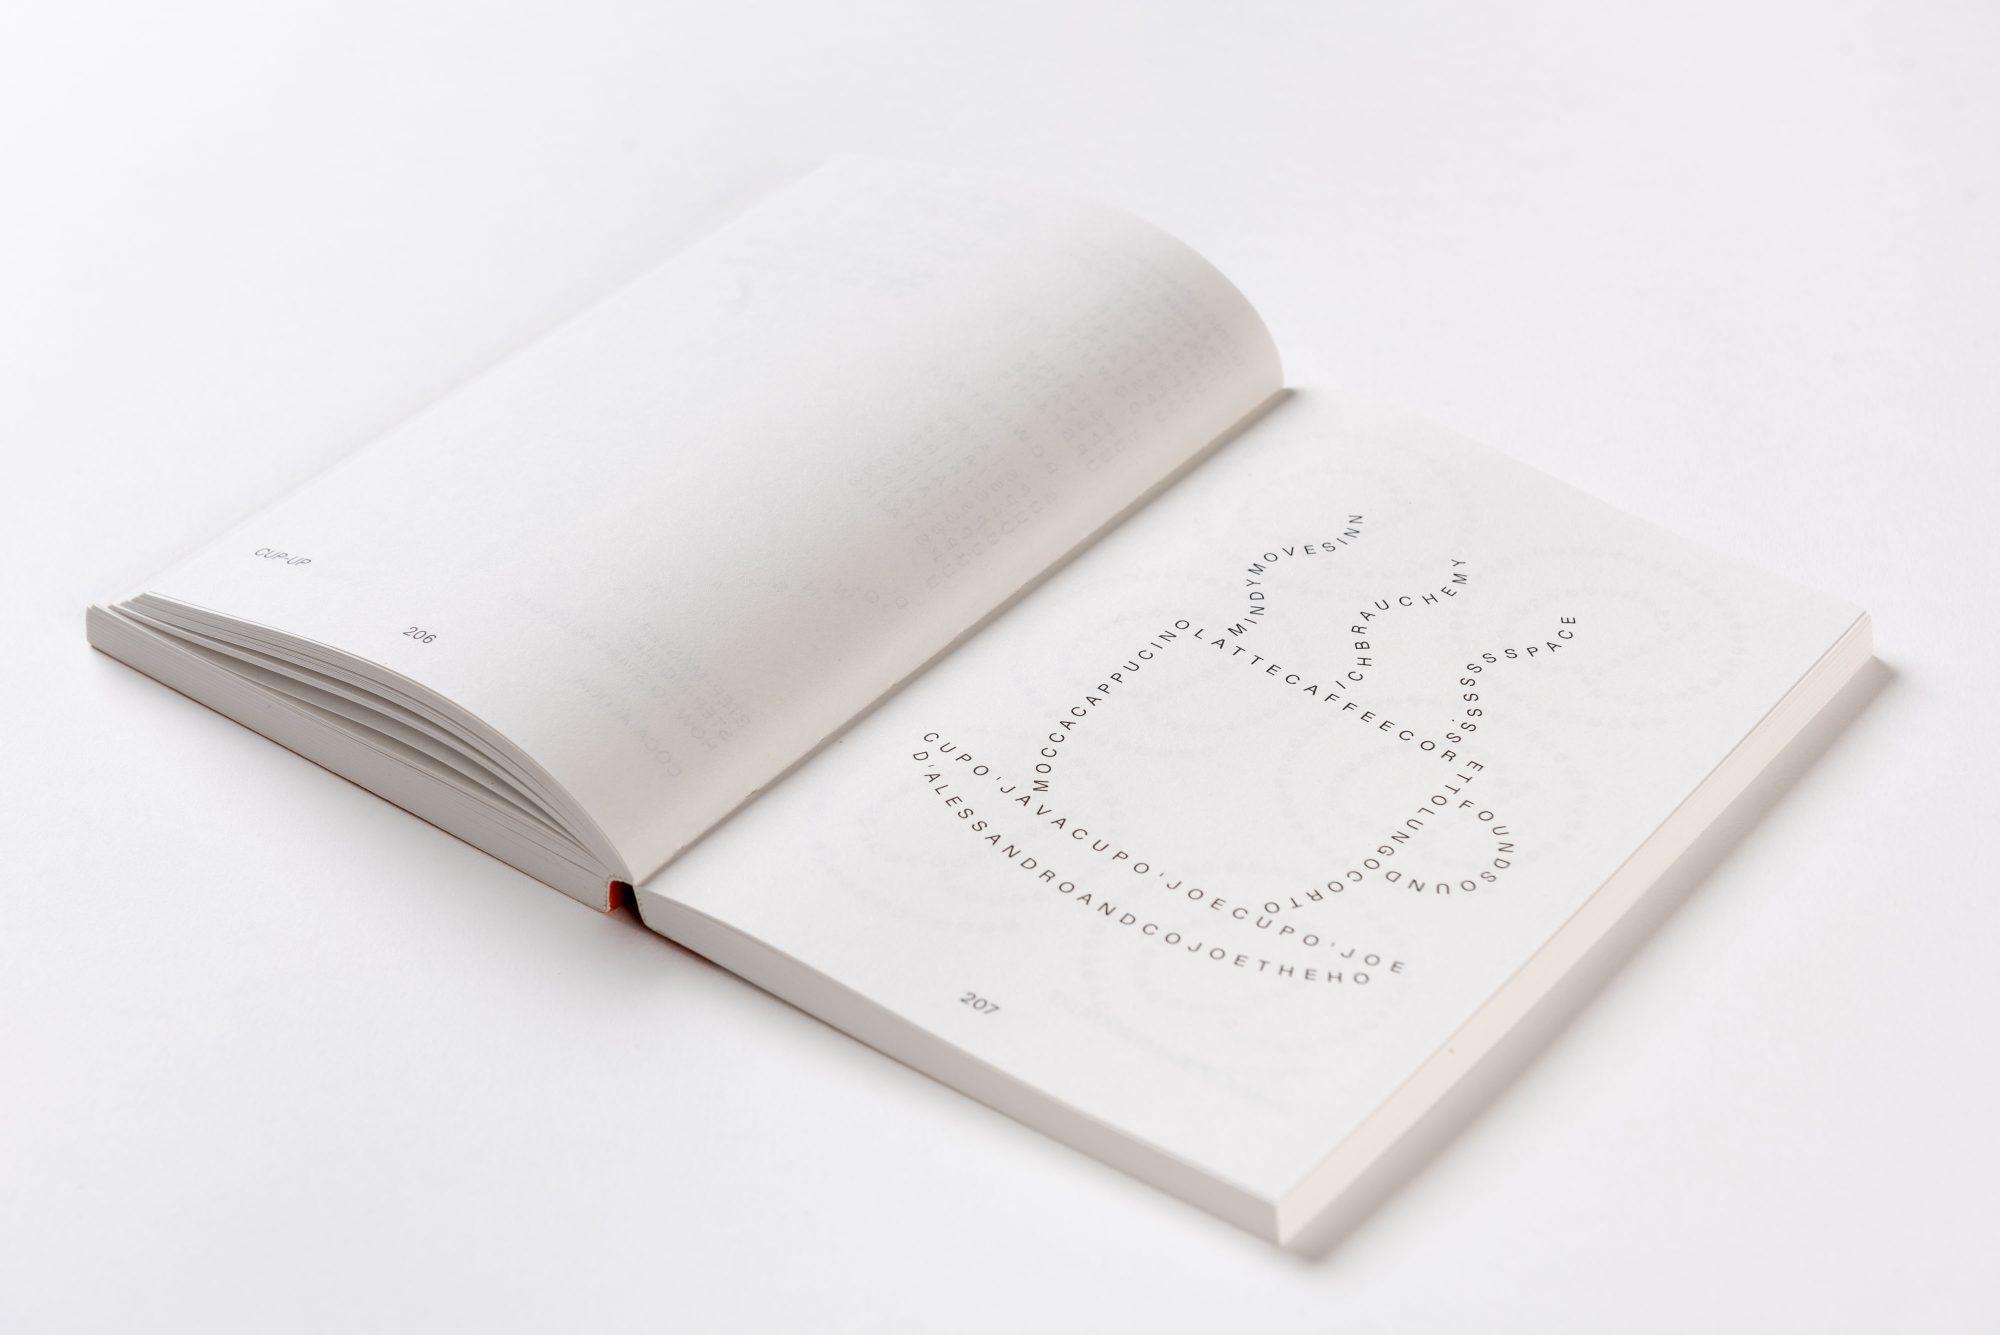 Buch - Reproduktionen